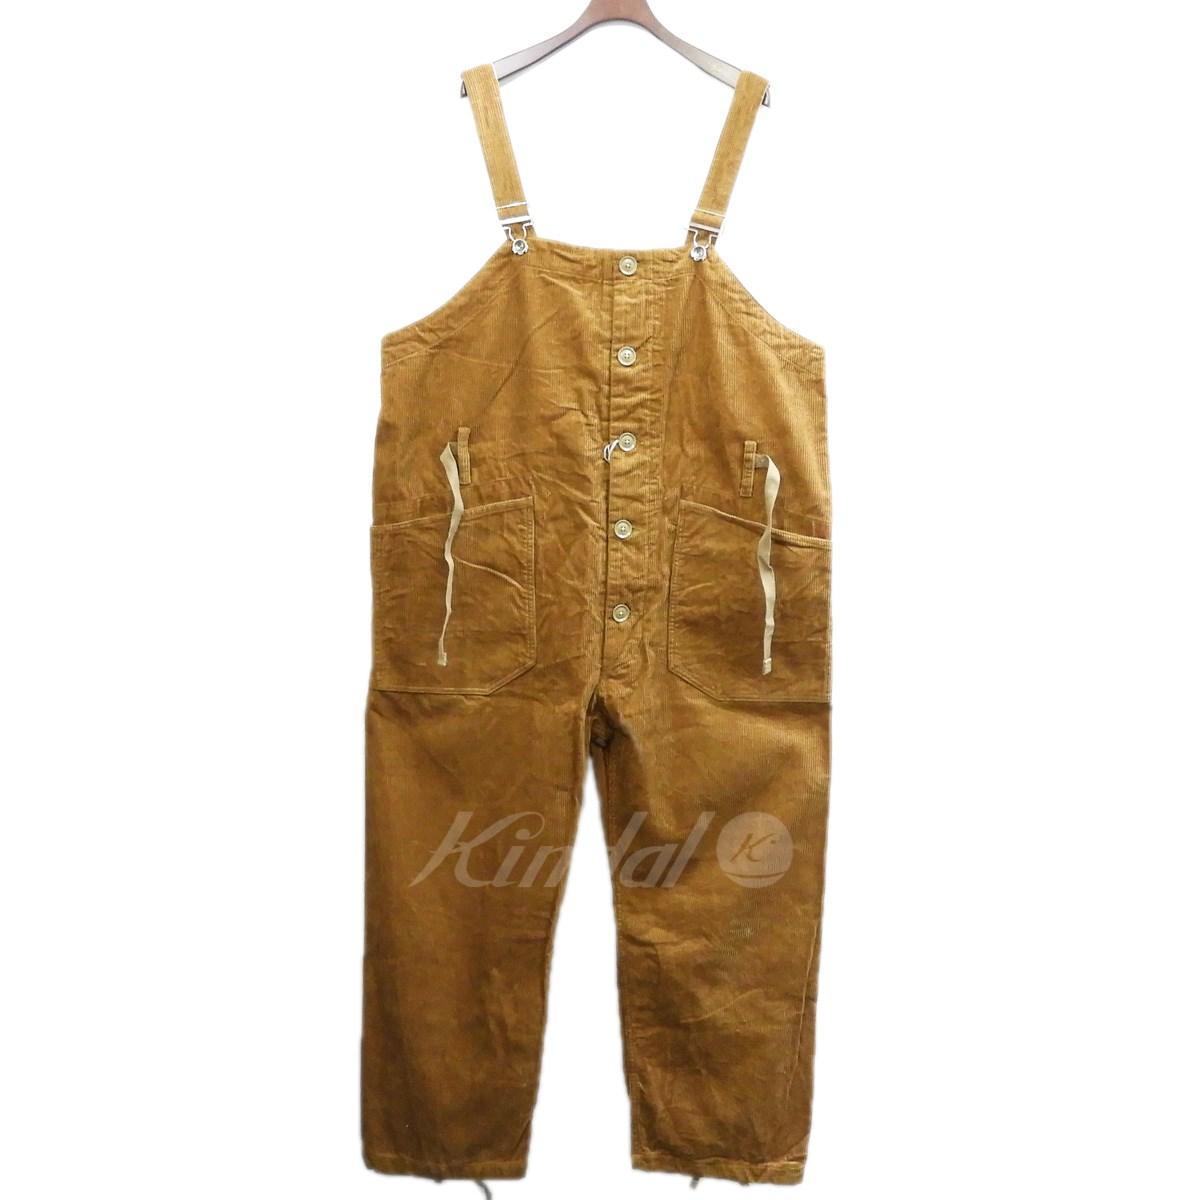 【中古】Engineered Garments 2018AW 「OVERALLS」コーデュロイオーバーオール 【送料無料】 【173994】 【KIND1641】